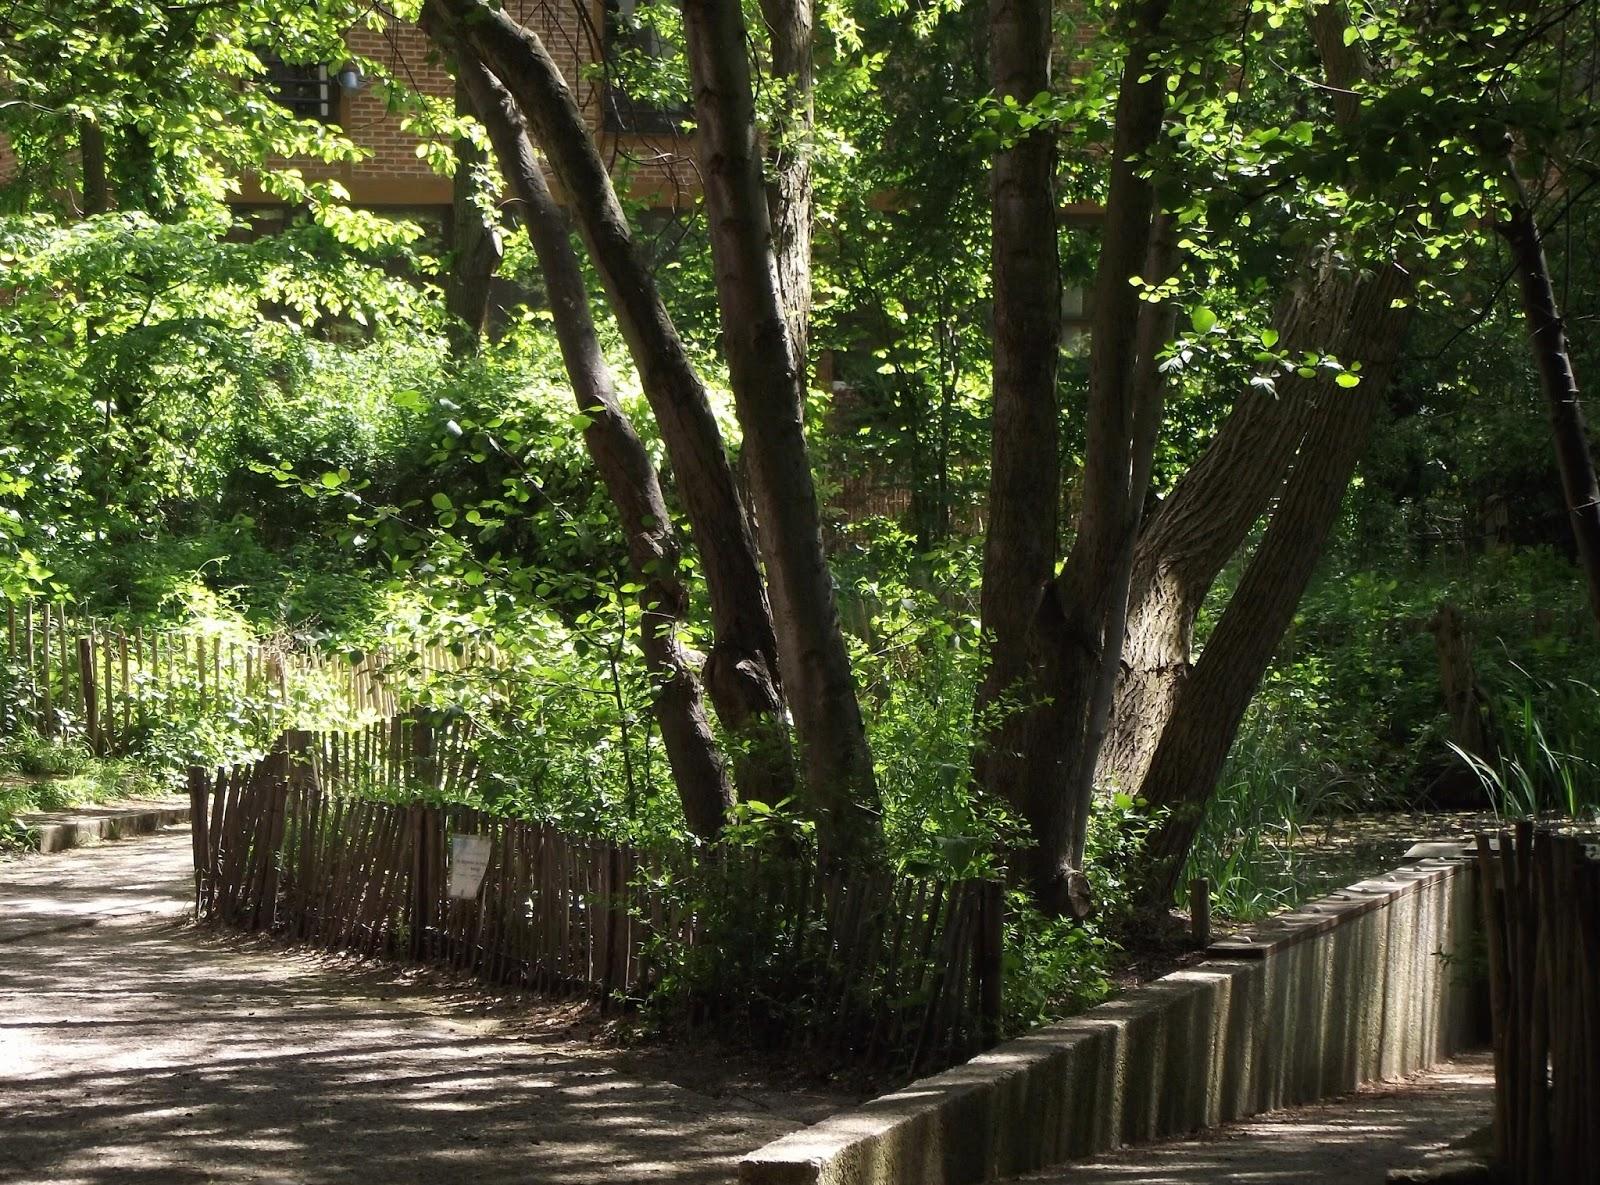 Le jardin naturel promenons nous dans les bois nalou 39 s for Le jardin naturel lespinasse